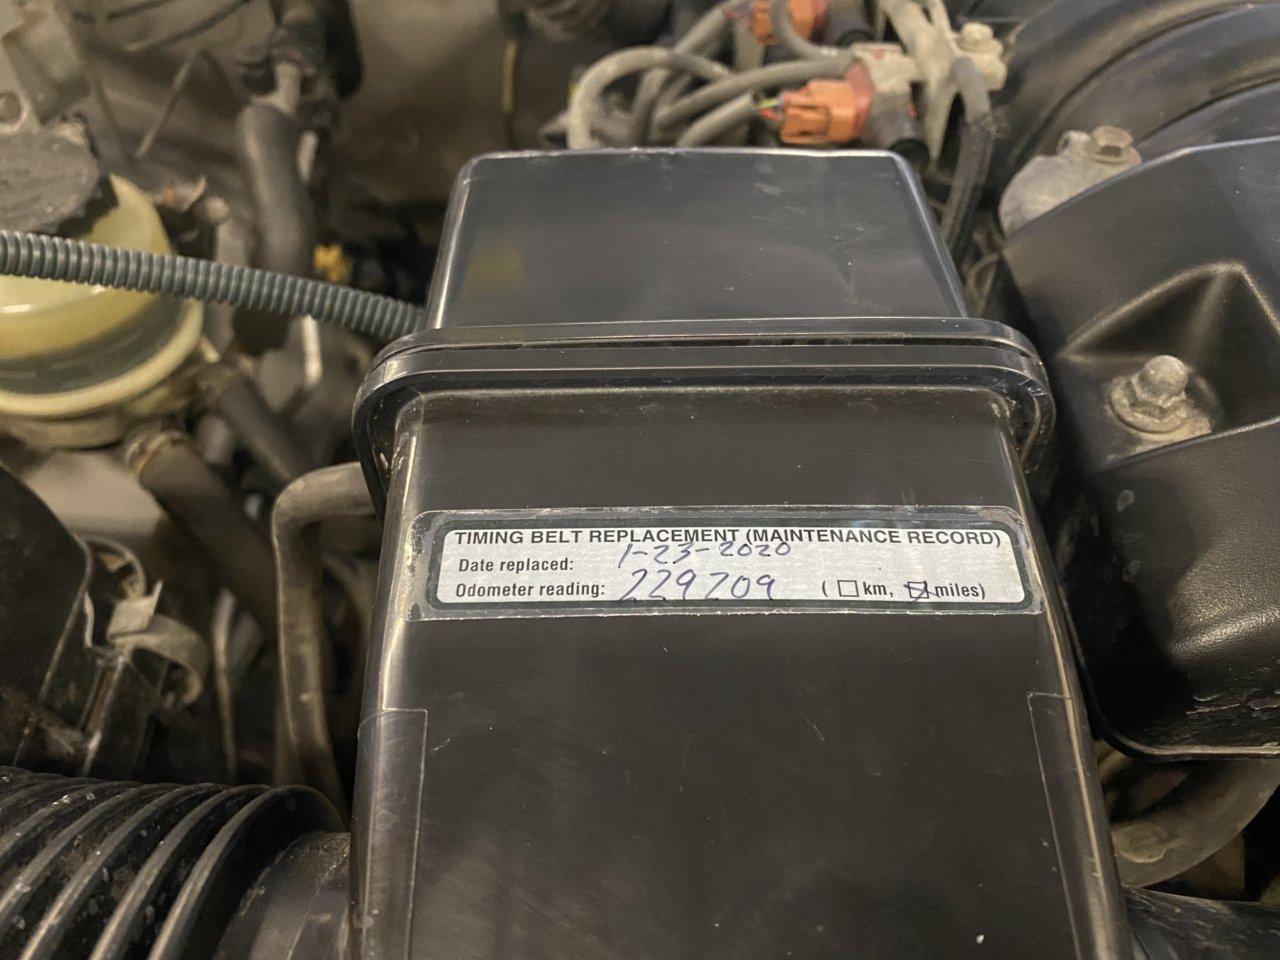 2E98120F-34E1-4881-8F48-DC0E3FE8A906.jpg